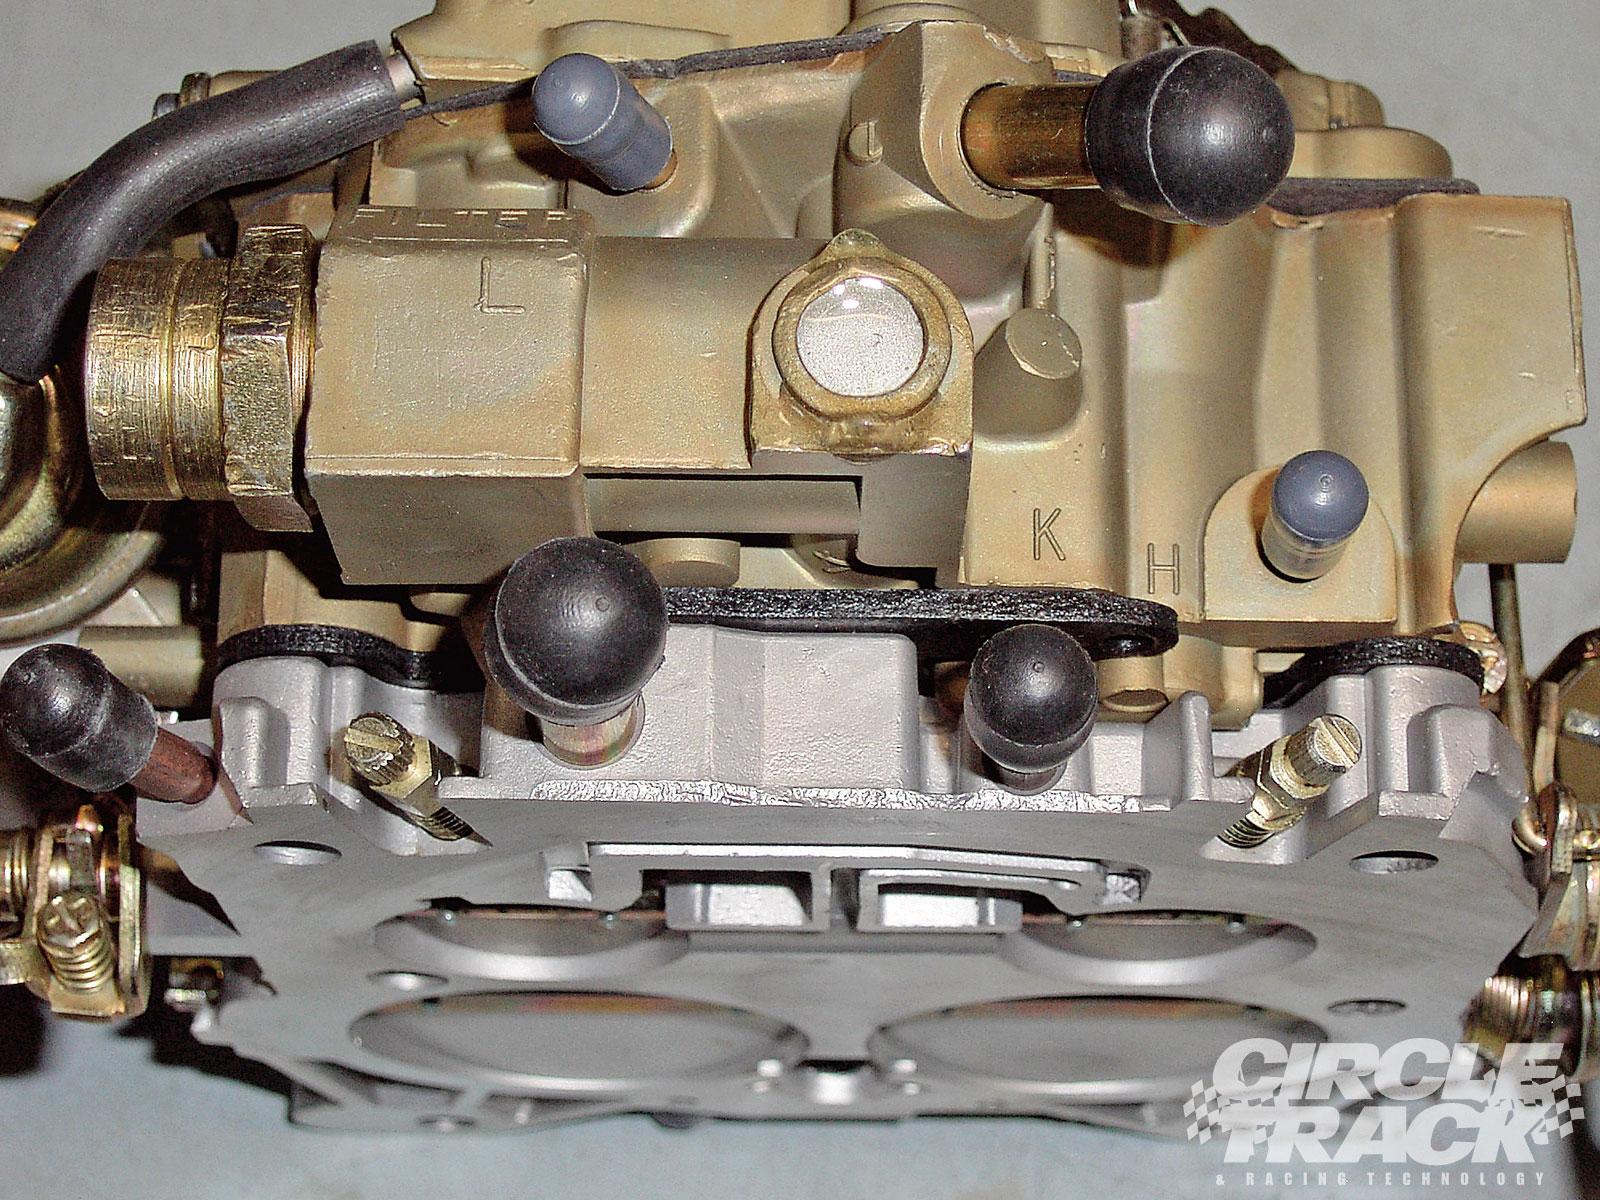 Rochester Carburetor Paint